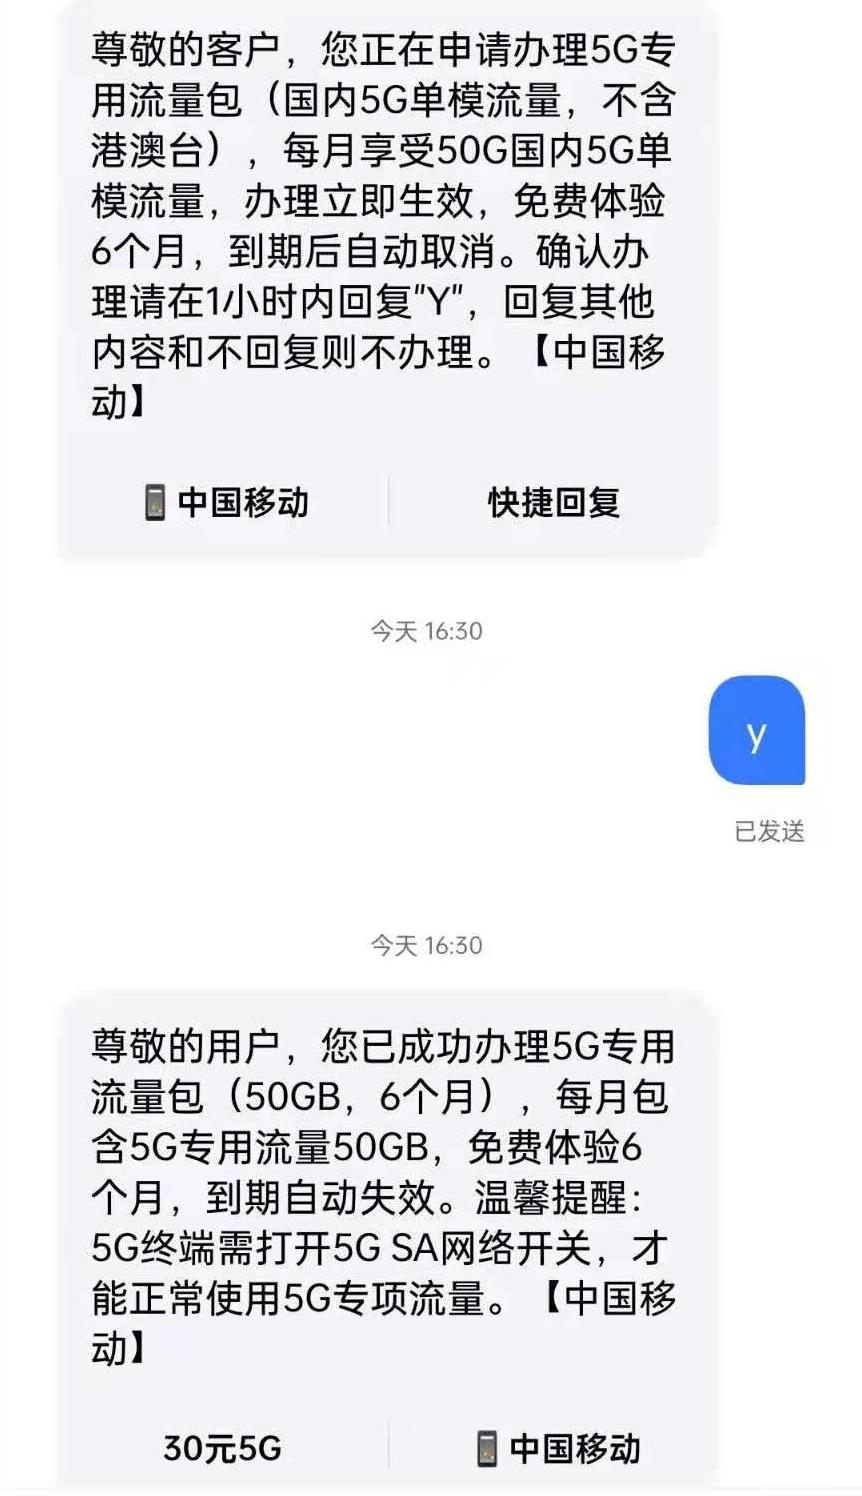 中国移动免费每月50G流量